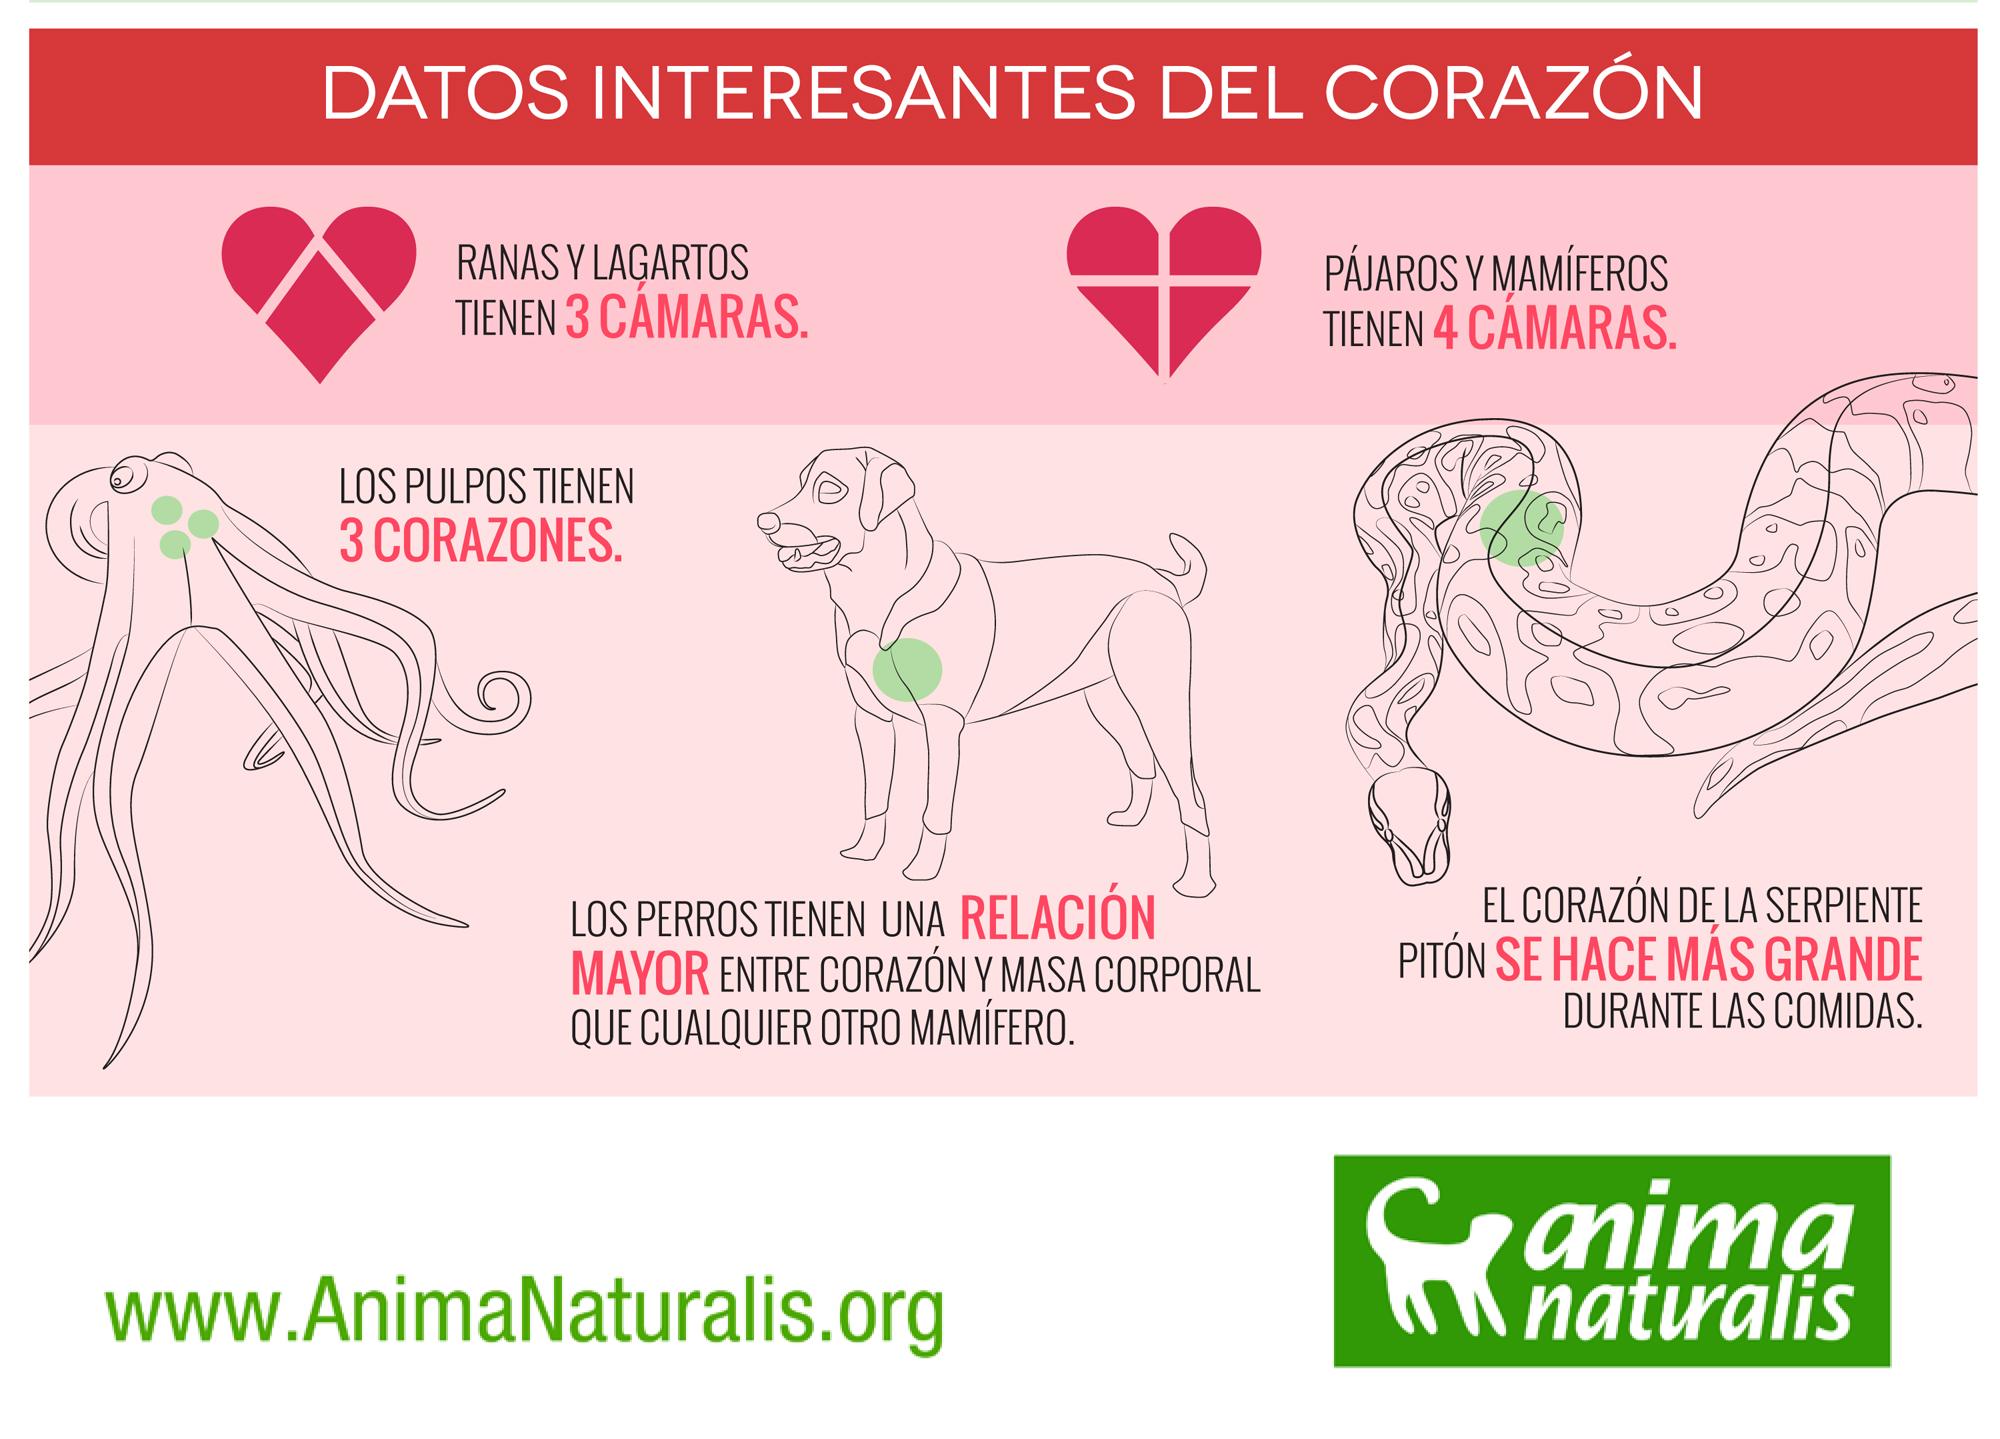 San Valentín Algunos Animales Sí Que Tienen Corazón Animanaturalis